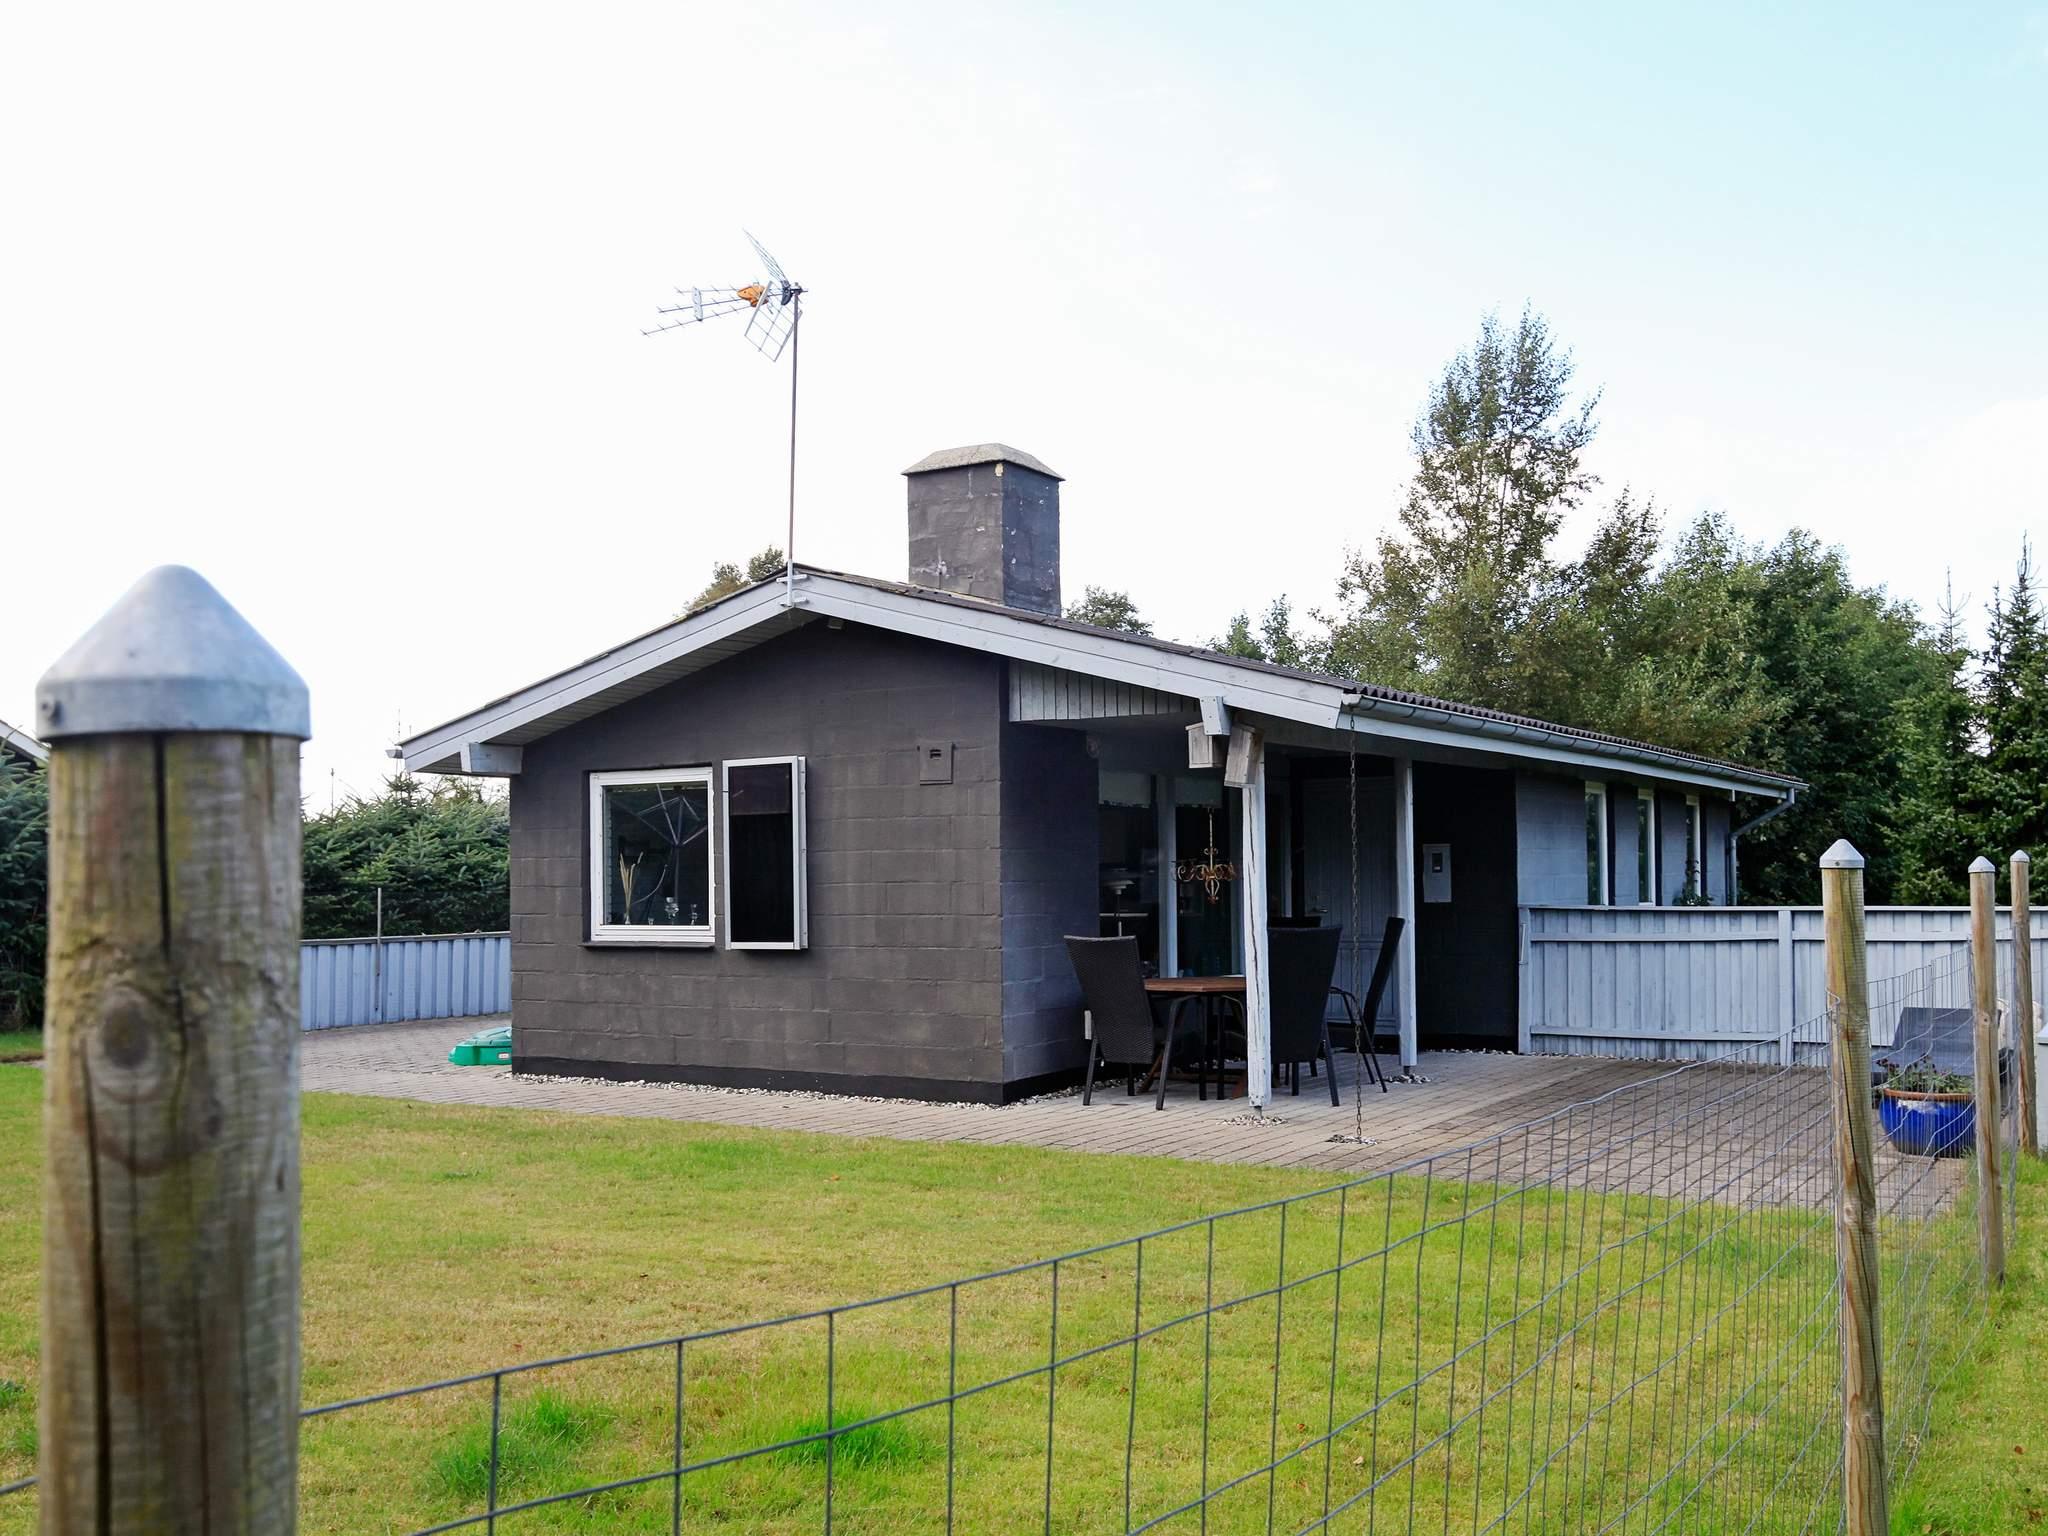 Ferienhaus Hals/Koldkær (359577), Hals, , Nordostjütland, Dänemark, Bild 14